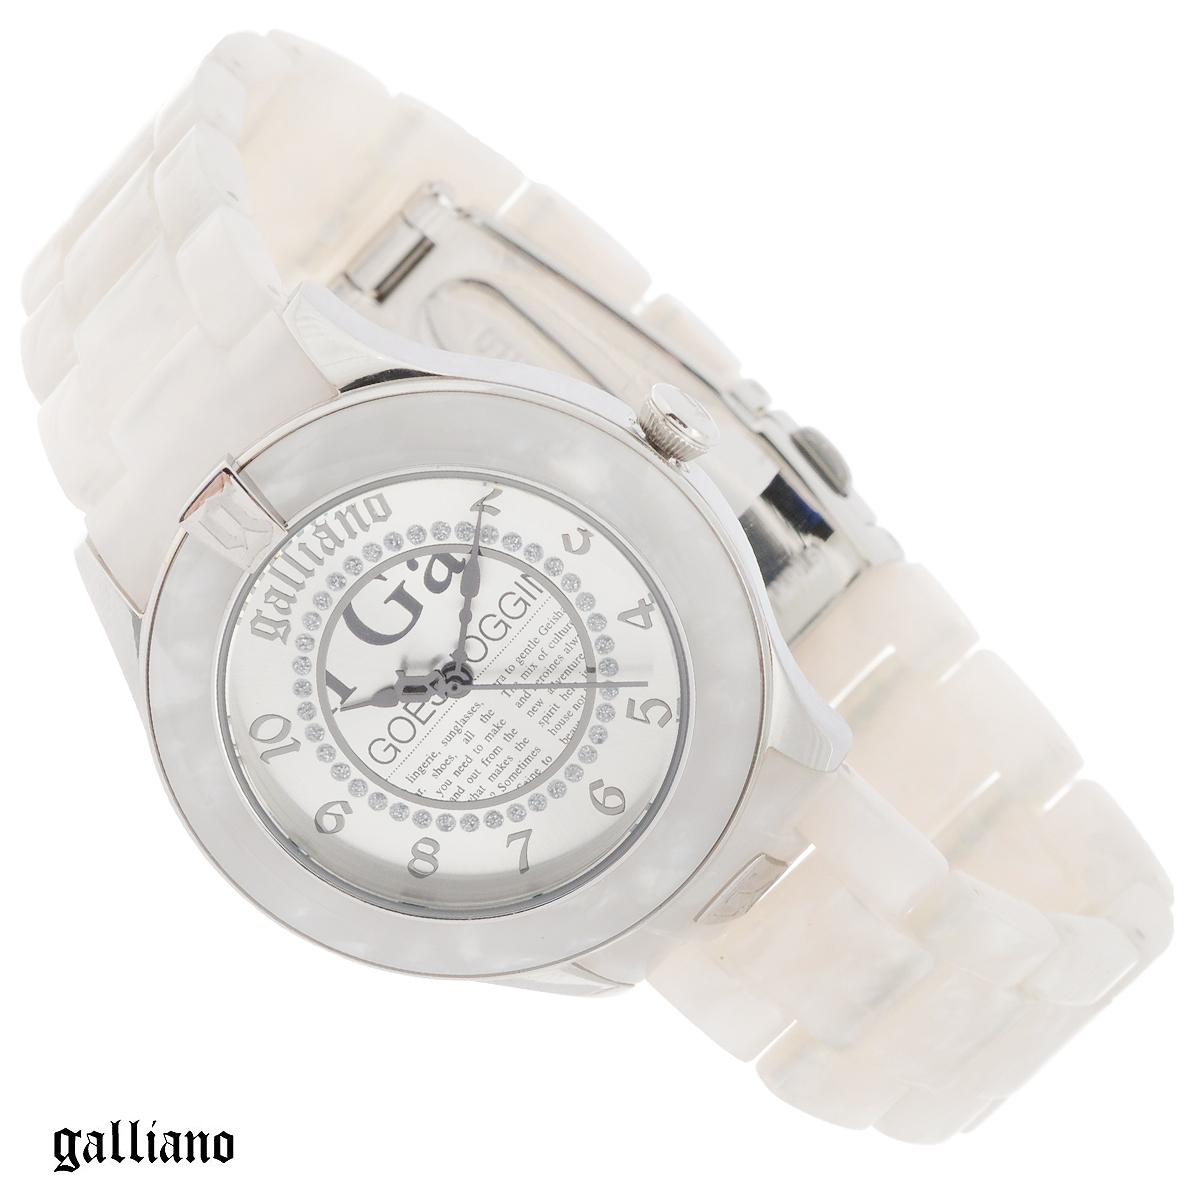 Часы женские наручные Galliano, цвет: белый, серебристый. R2553108502R2553108502Наручные женские часы Galliano оснащены кварцевым механизмом. Корпус выполнен из высококачественной нержавеющей стали, безель - из пластика. Циферблат с арабскими цифрами декорирован кристаллами и защищен минеральным стеклом. Часы имеют три стрелки - часовую, минутную и секундную. Браслет часов выполнен из пластика и оснащен раскладывающейся застежкой. Часы укомплектованы паспортом с подробной инструкцией. Часы Galliano благодаря своему великолепному дизайну и качеству исполнения станут главным акцентом вашего образа. Характеристики: Диаметр циферблата: 2,8 см. Размер корпуса: 3,7 см х 3,7 см х 0,8 см. Длина браслета (с корпусом): 27 см. Ширина браслета: 1,7 см.